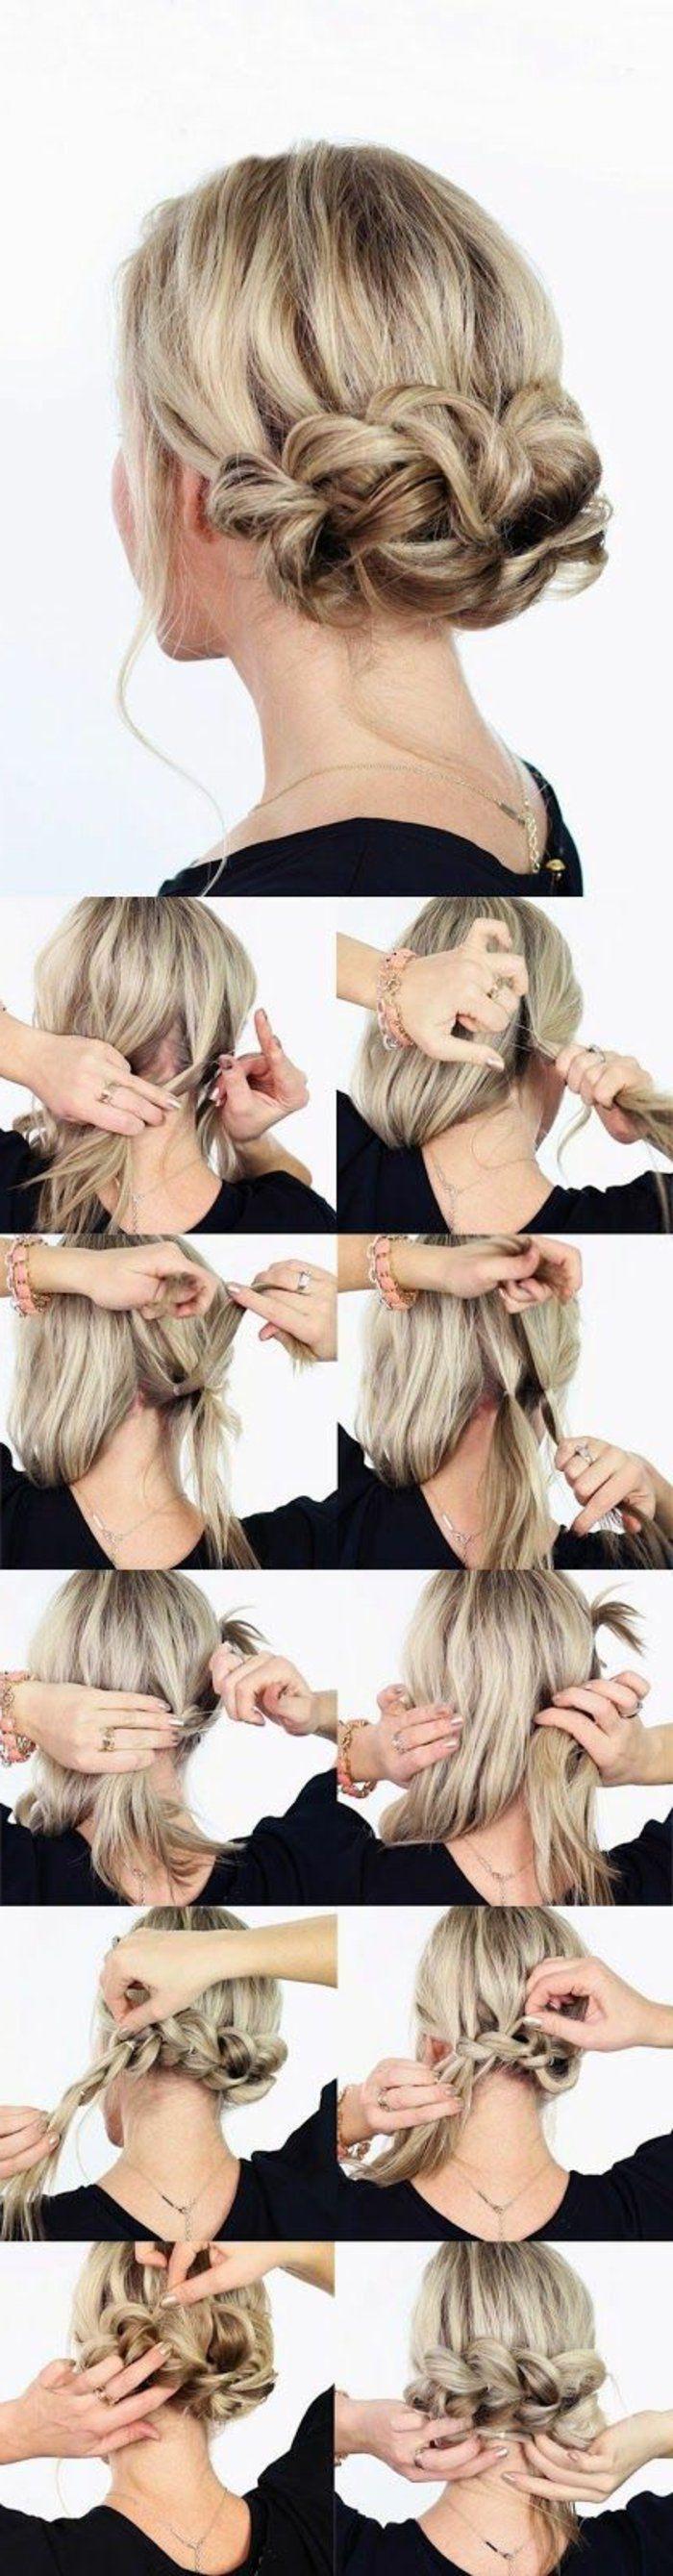 tuto coiffure cheveux mi long blond, tutoriel coiffure facile et rapide